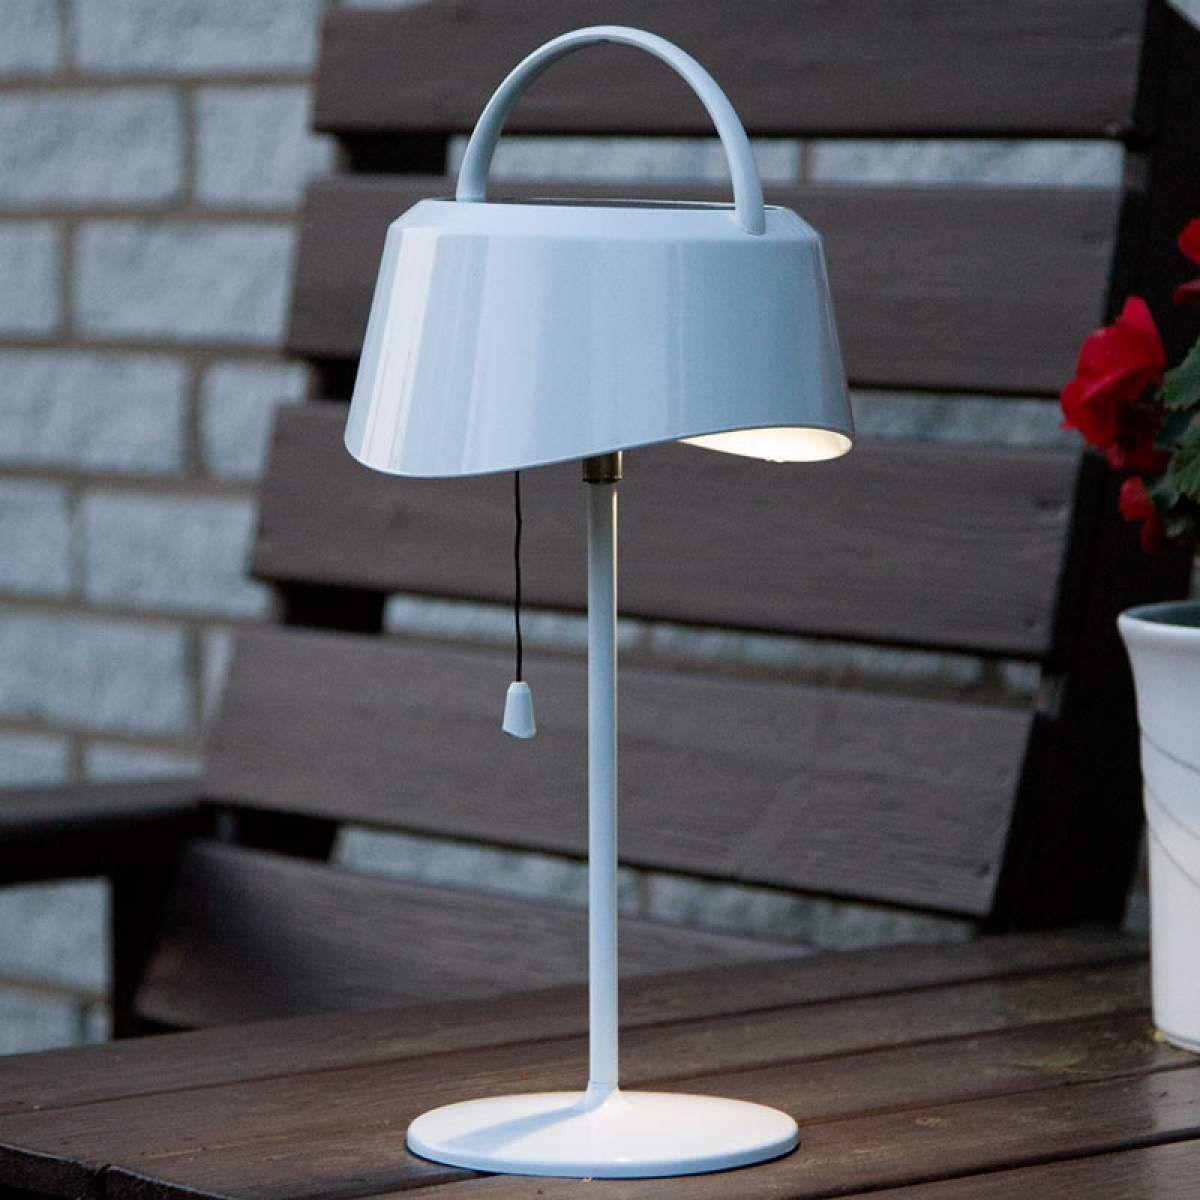 Solarbetriebene Led Tischlampe Cervia Neigbar Led Tischlampe Tischlampen Und Lampen